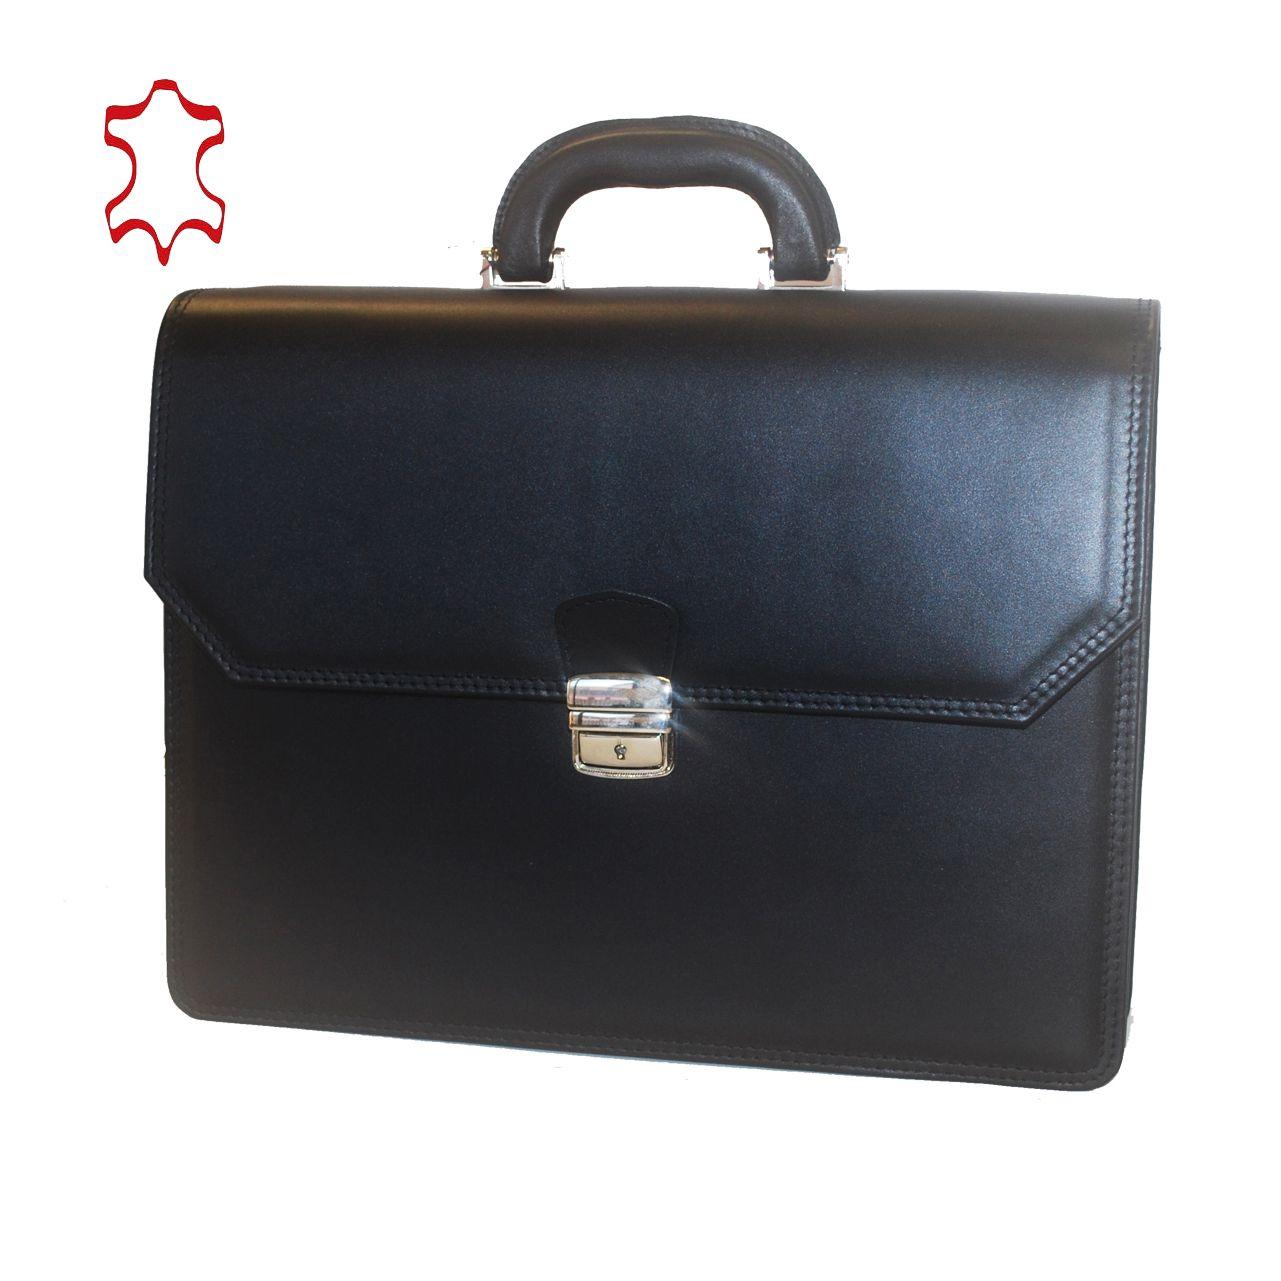 c177ee0877 Kožená aktovka z pravej hovädzej kože č.7898 v čiernej farbe (2)